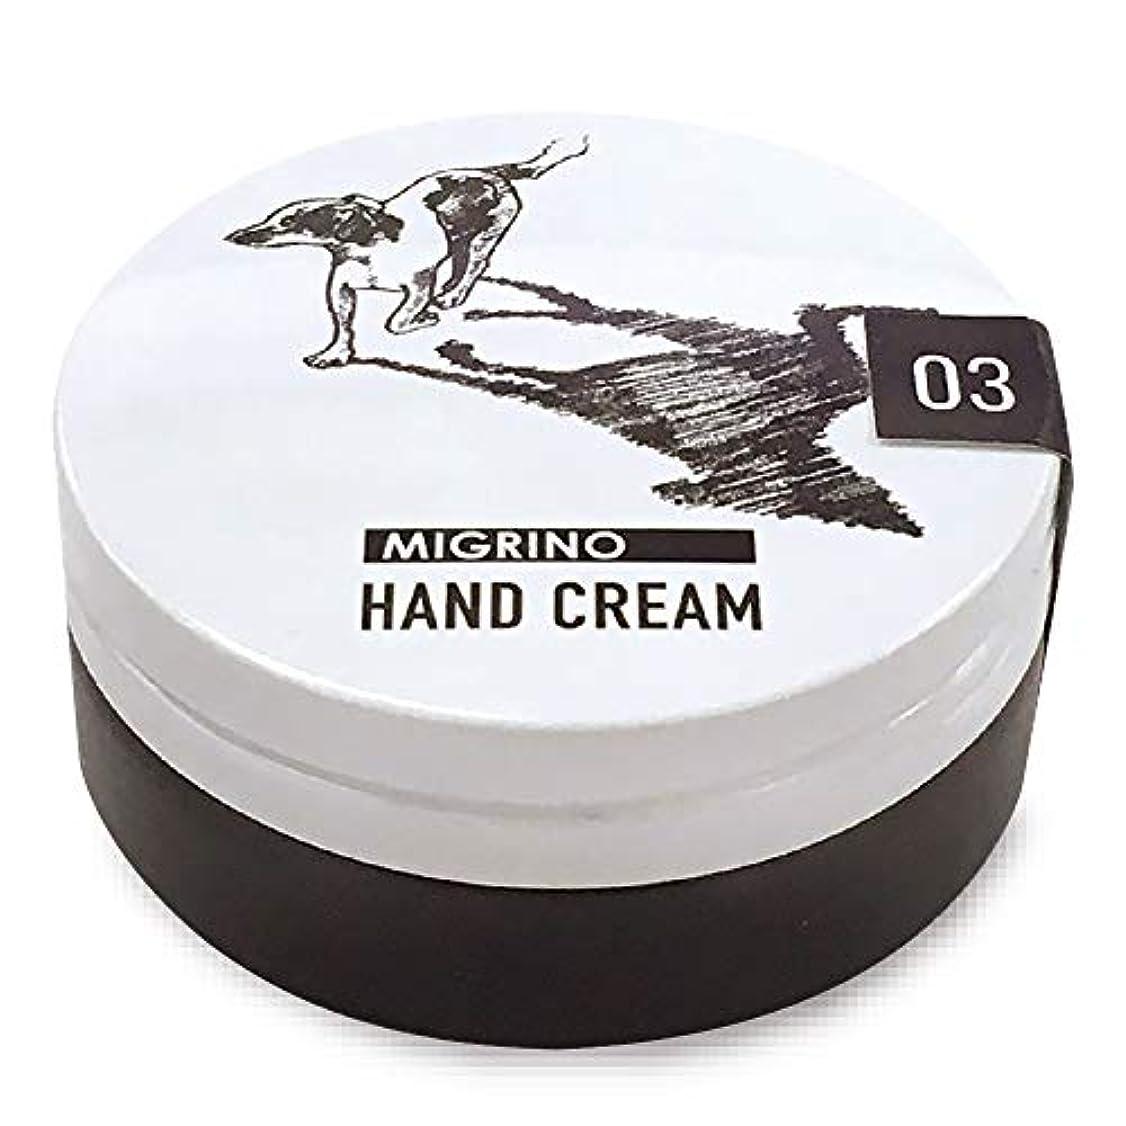 動揺させるフライカイトむしろノルコーポレーション ハンドクリーム パドロール 保湿成分配合 PAD-9-03 ベルガモットの香り 60g